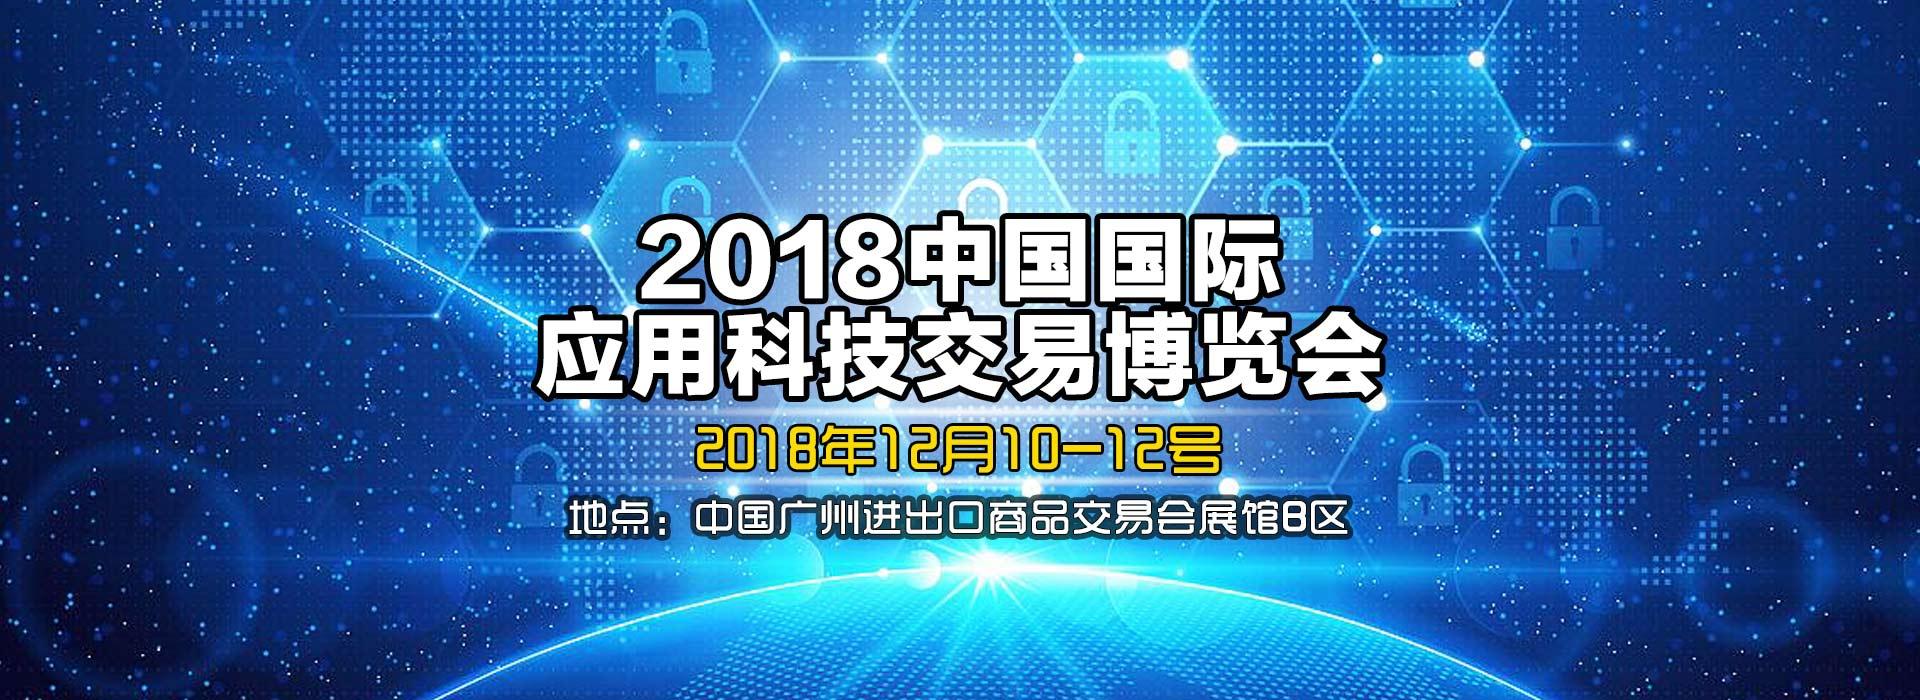 应用科技博览会